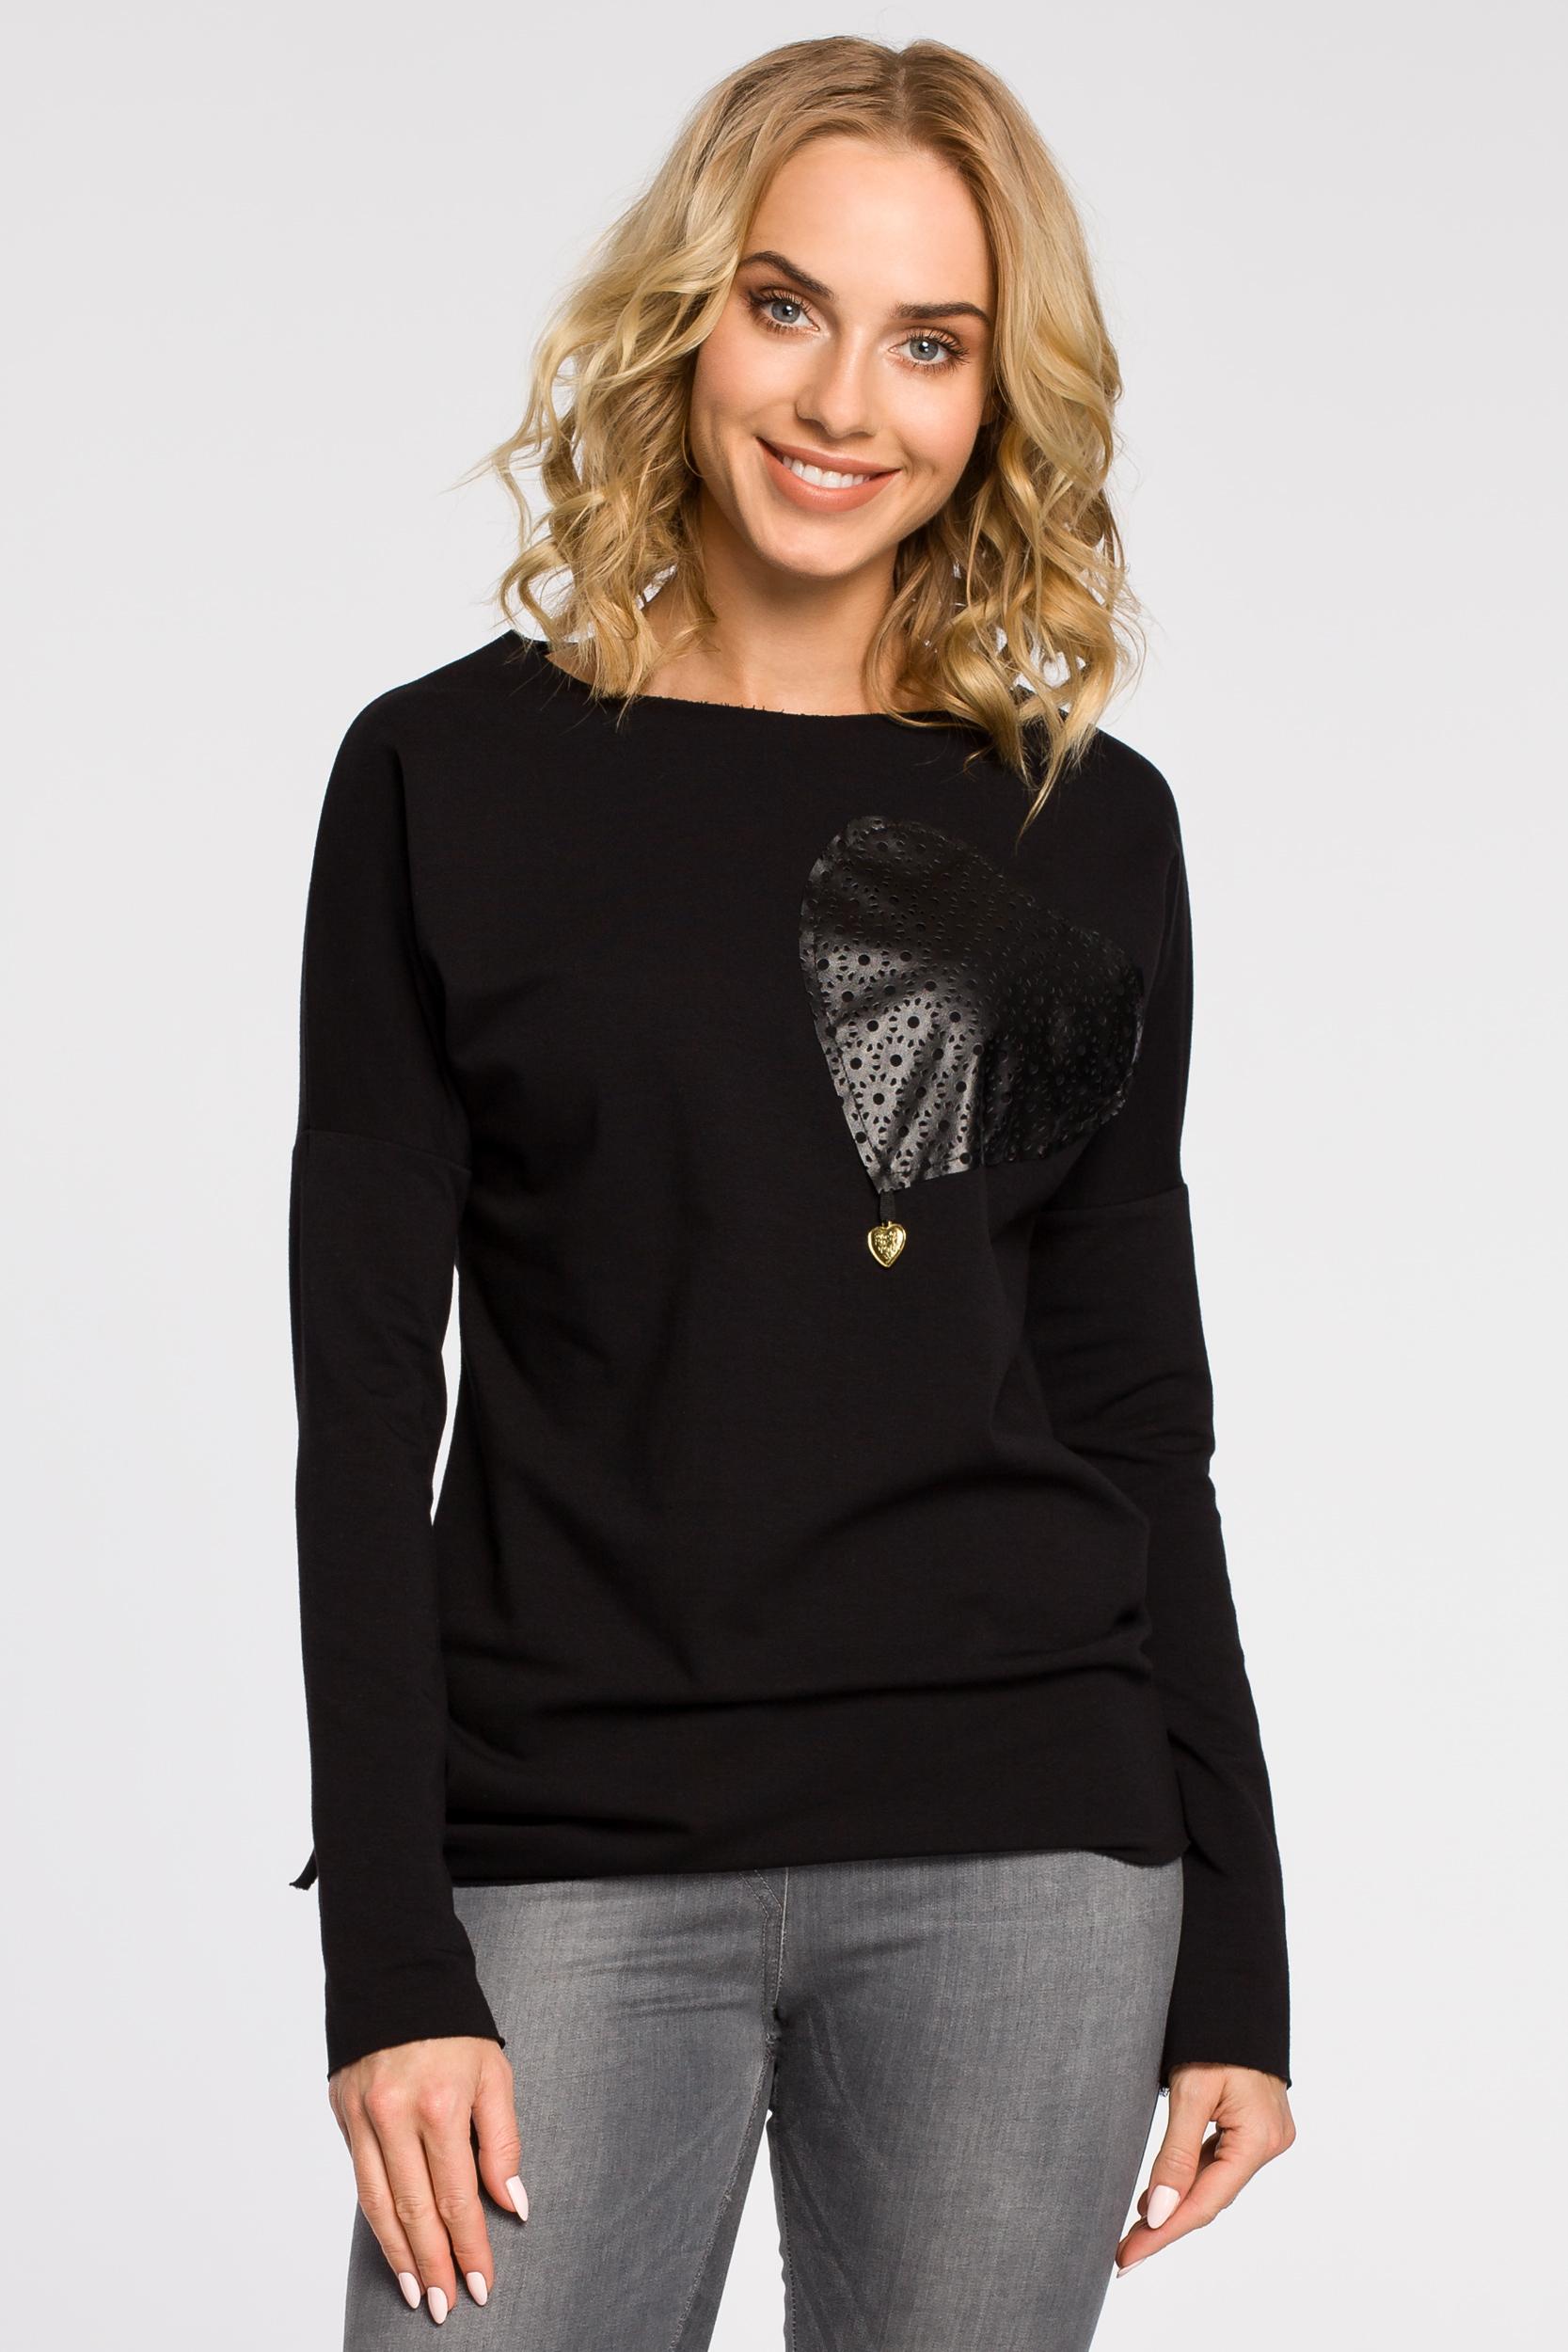 CM0340 Bluza damska dresowa z ozdobny sercem - czarna